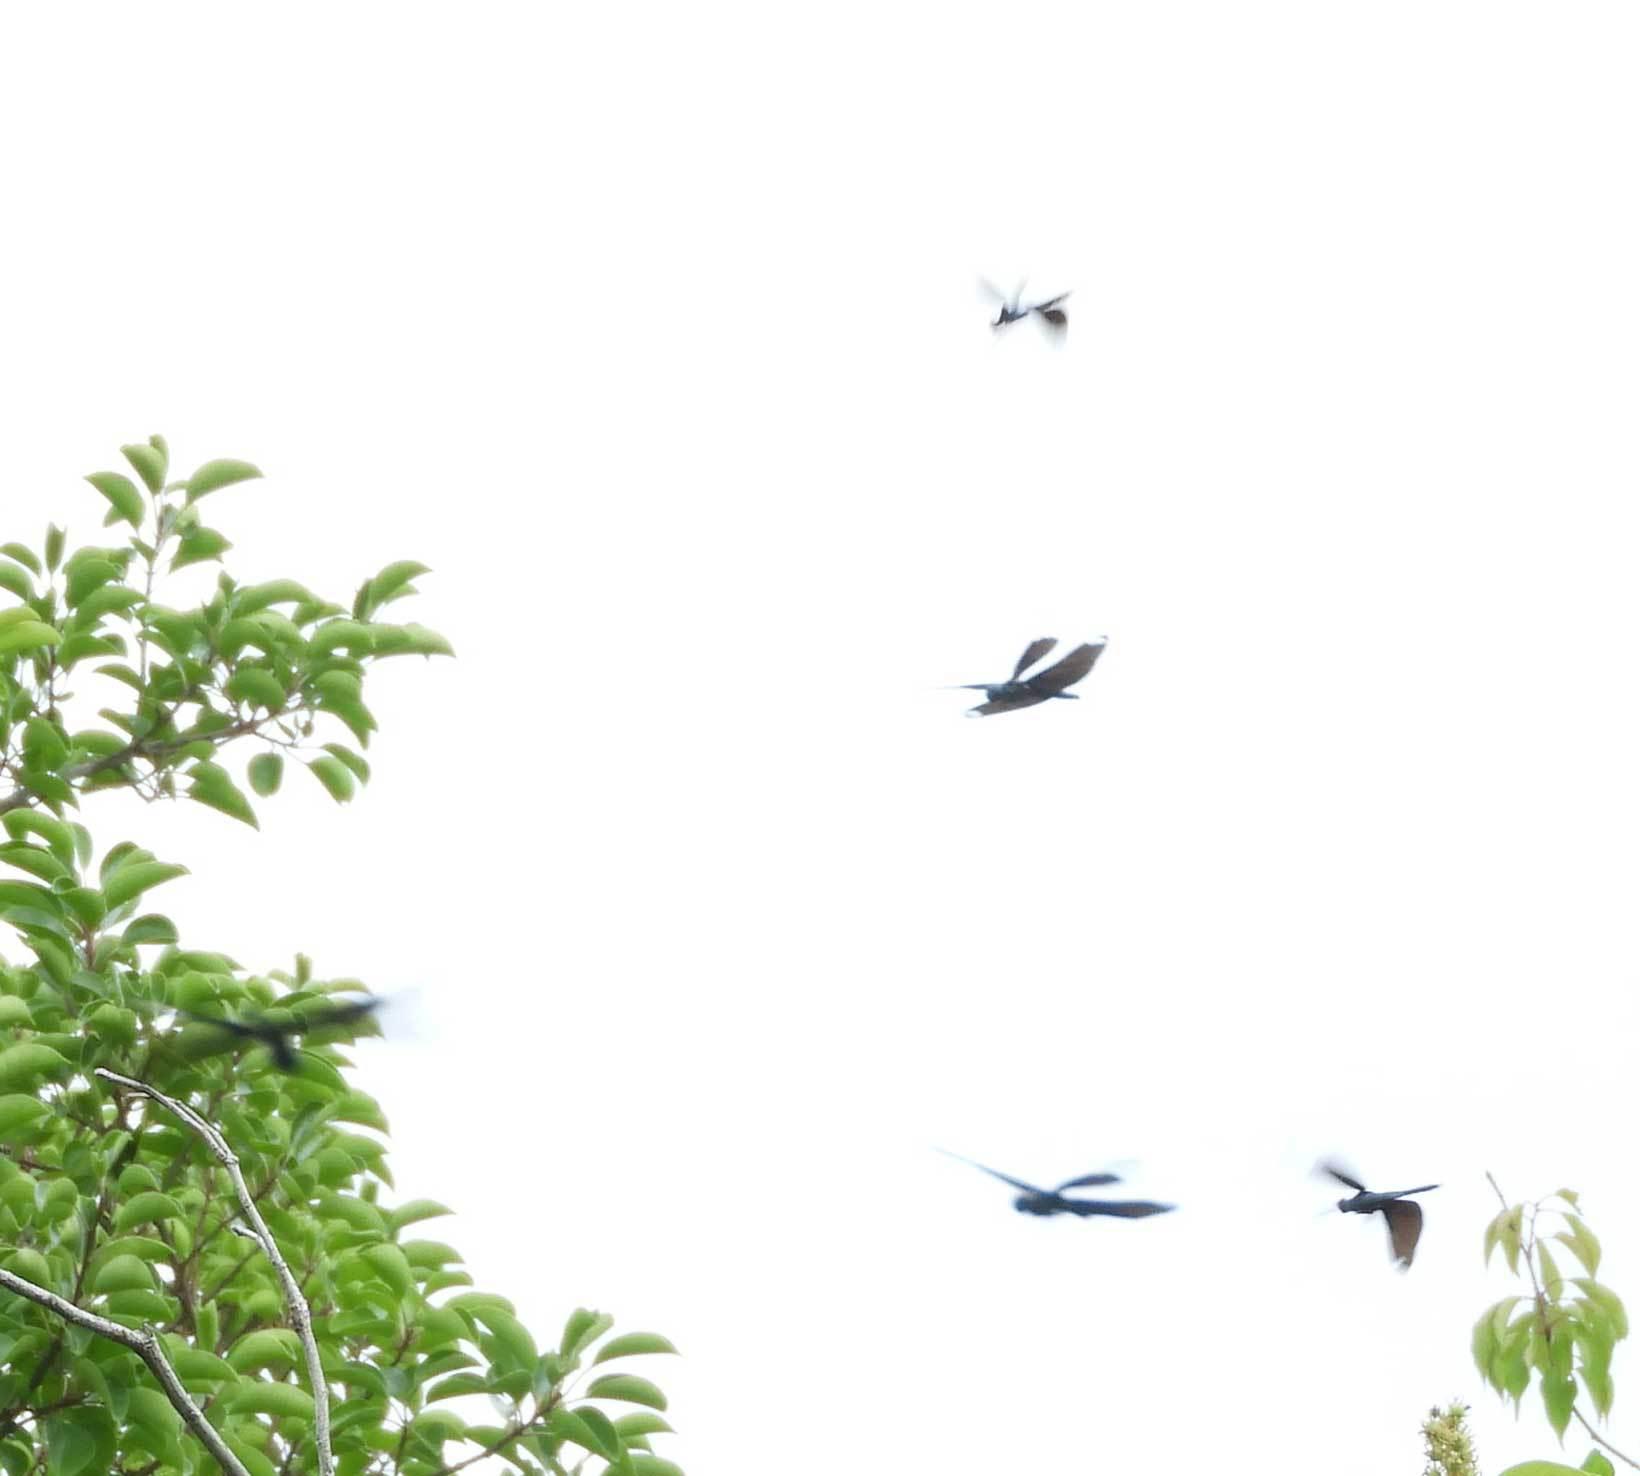 チョウトンボ飛翔